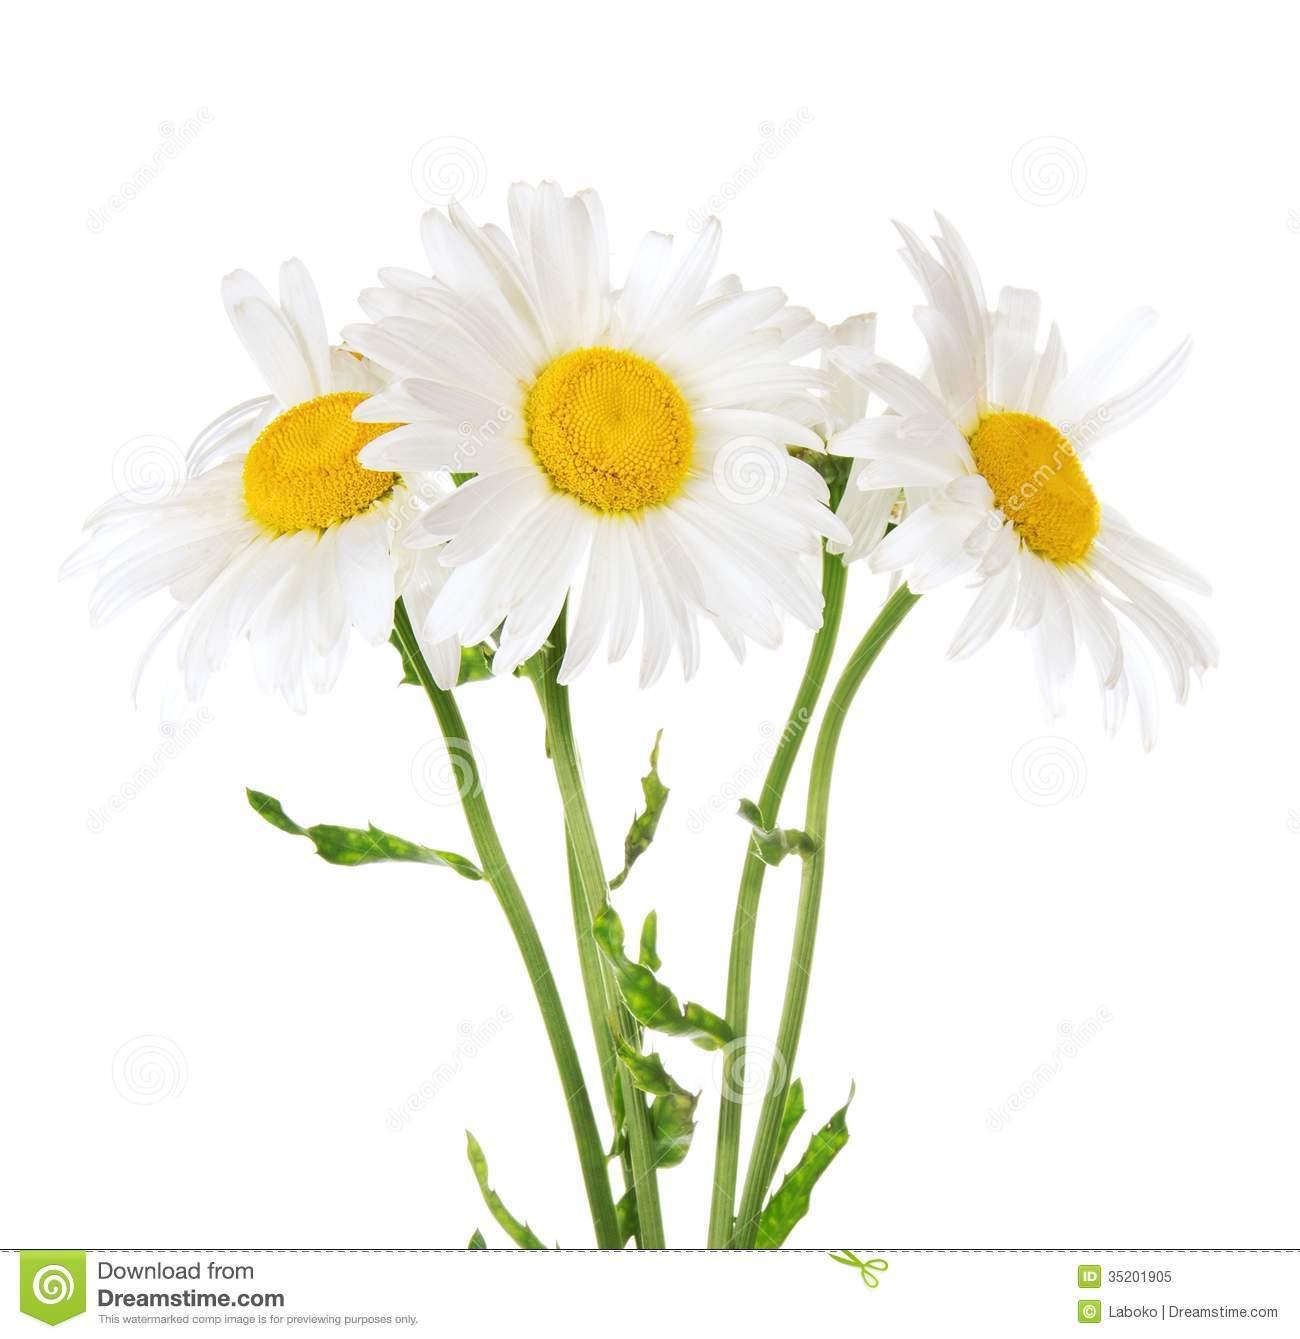 Daisy bouquet clipart » Clipart Portal.